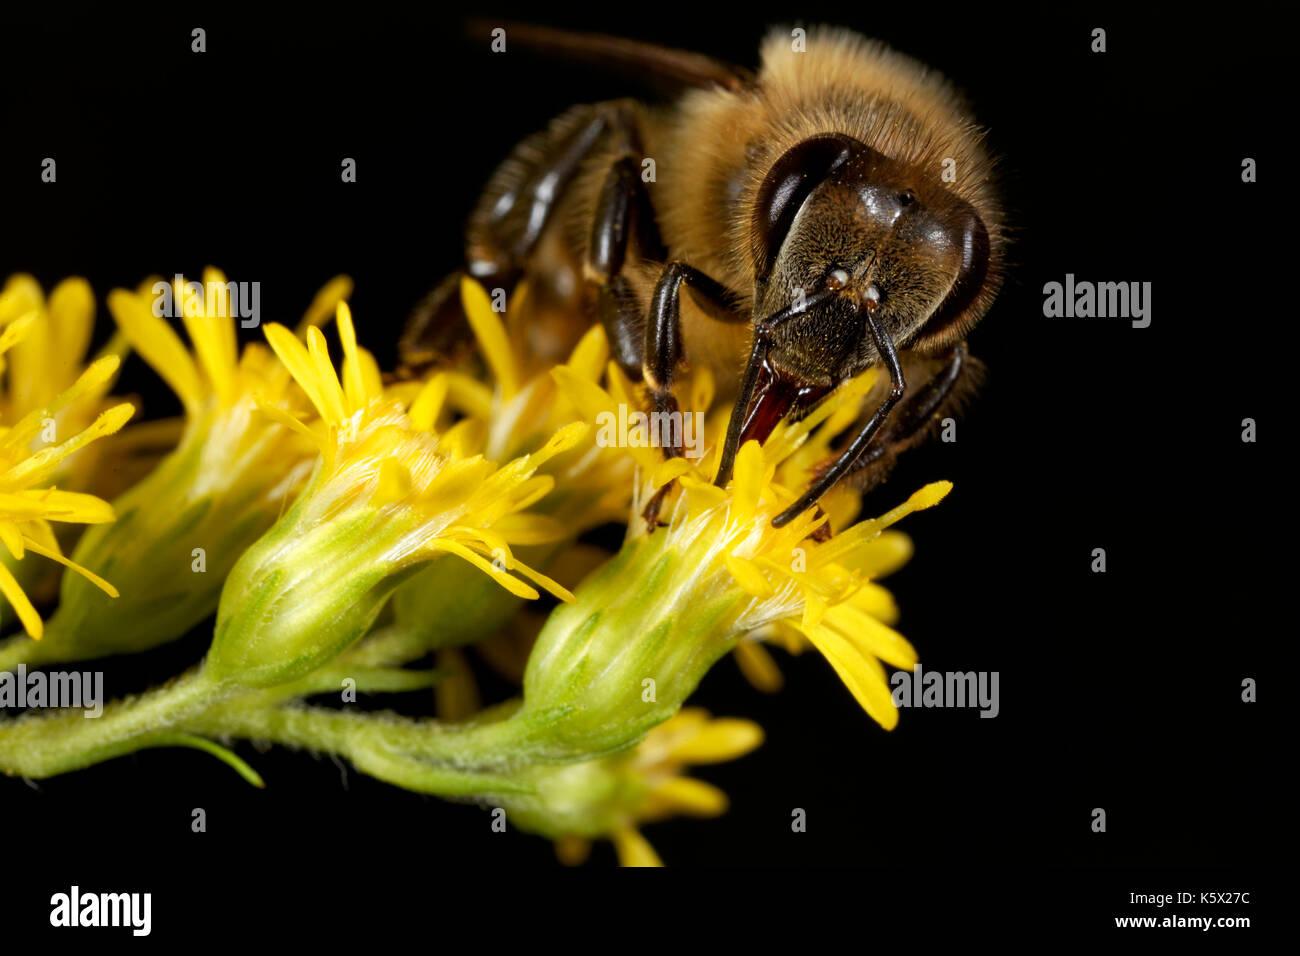 European honey bee on the flower - Stock Image